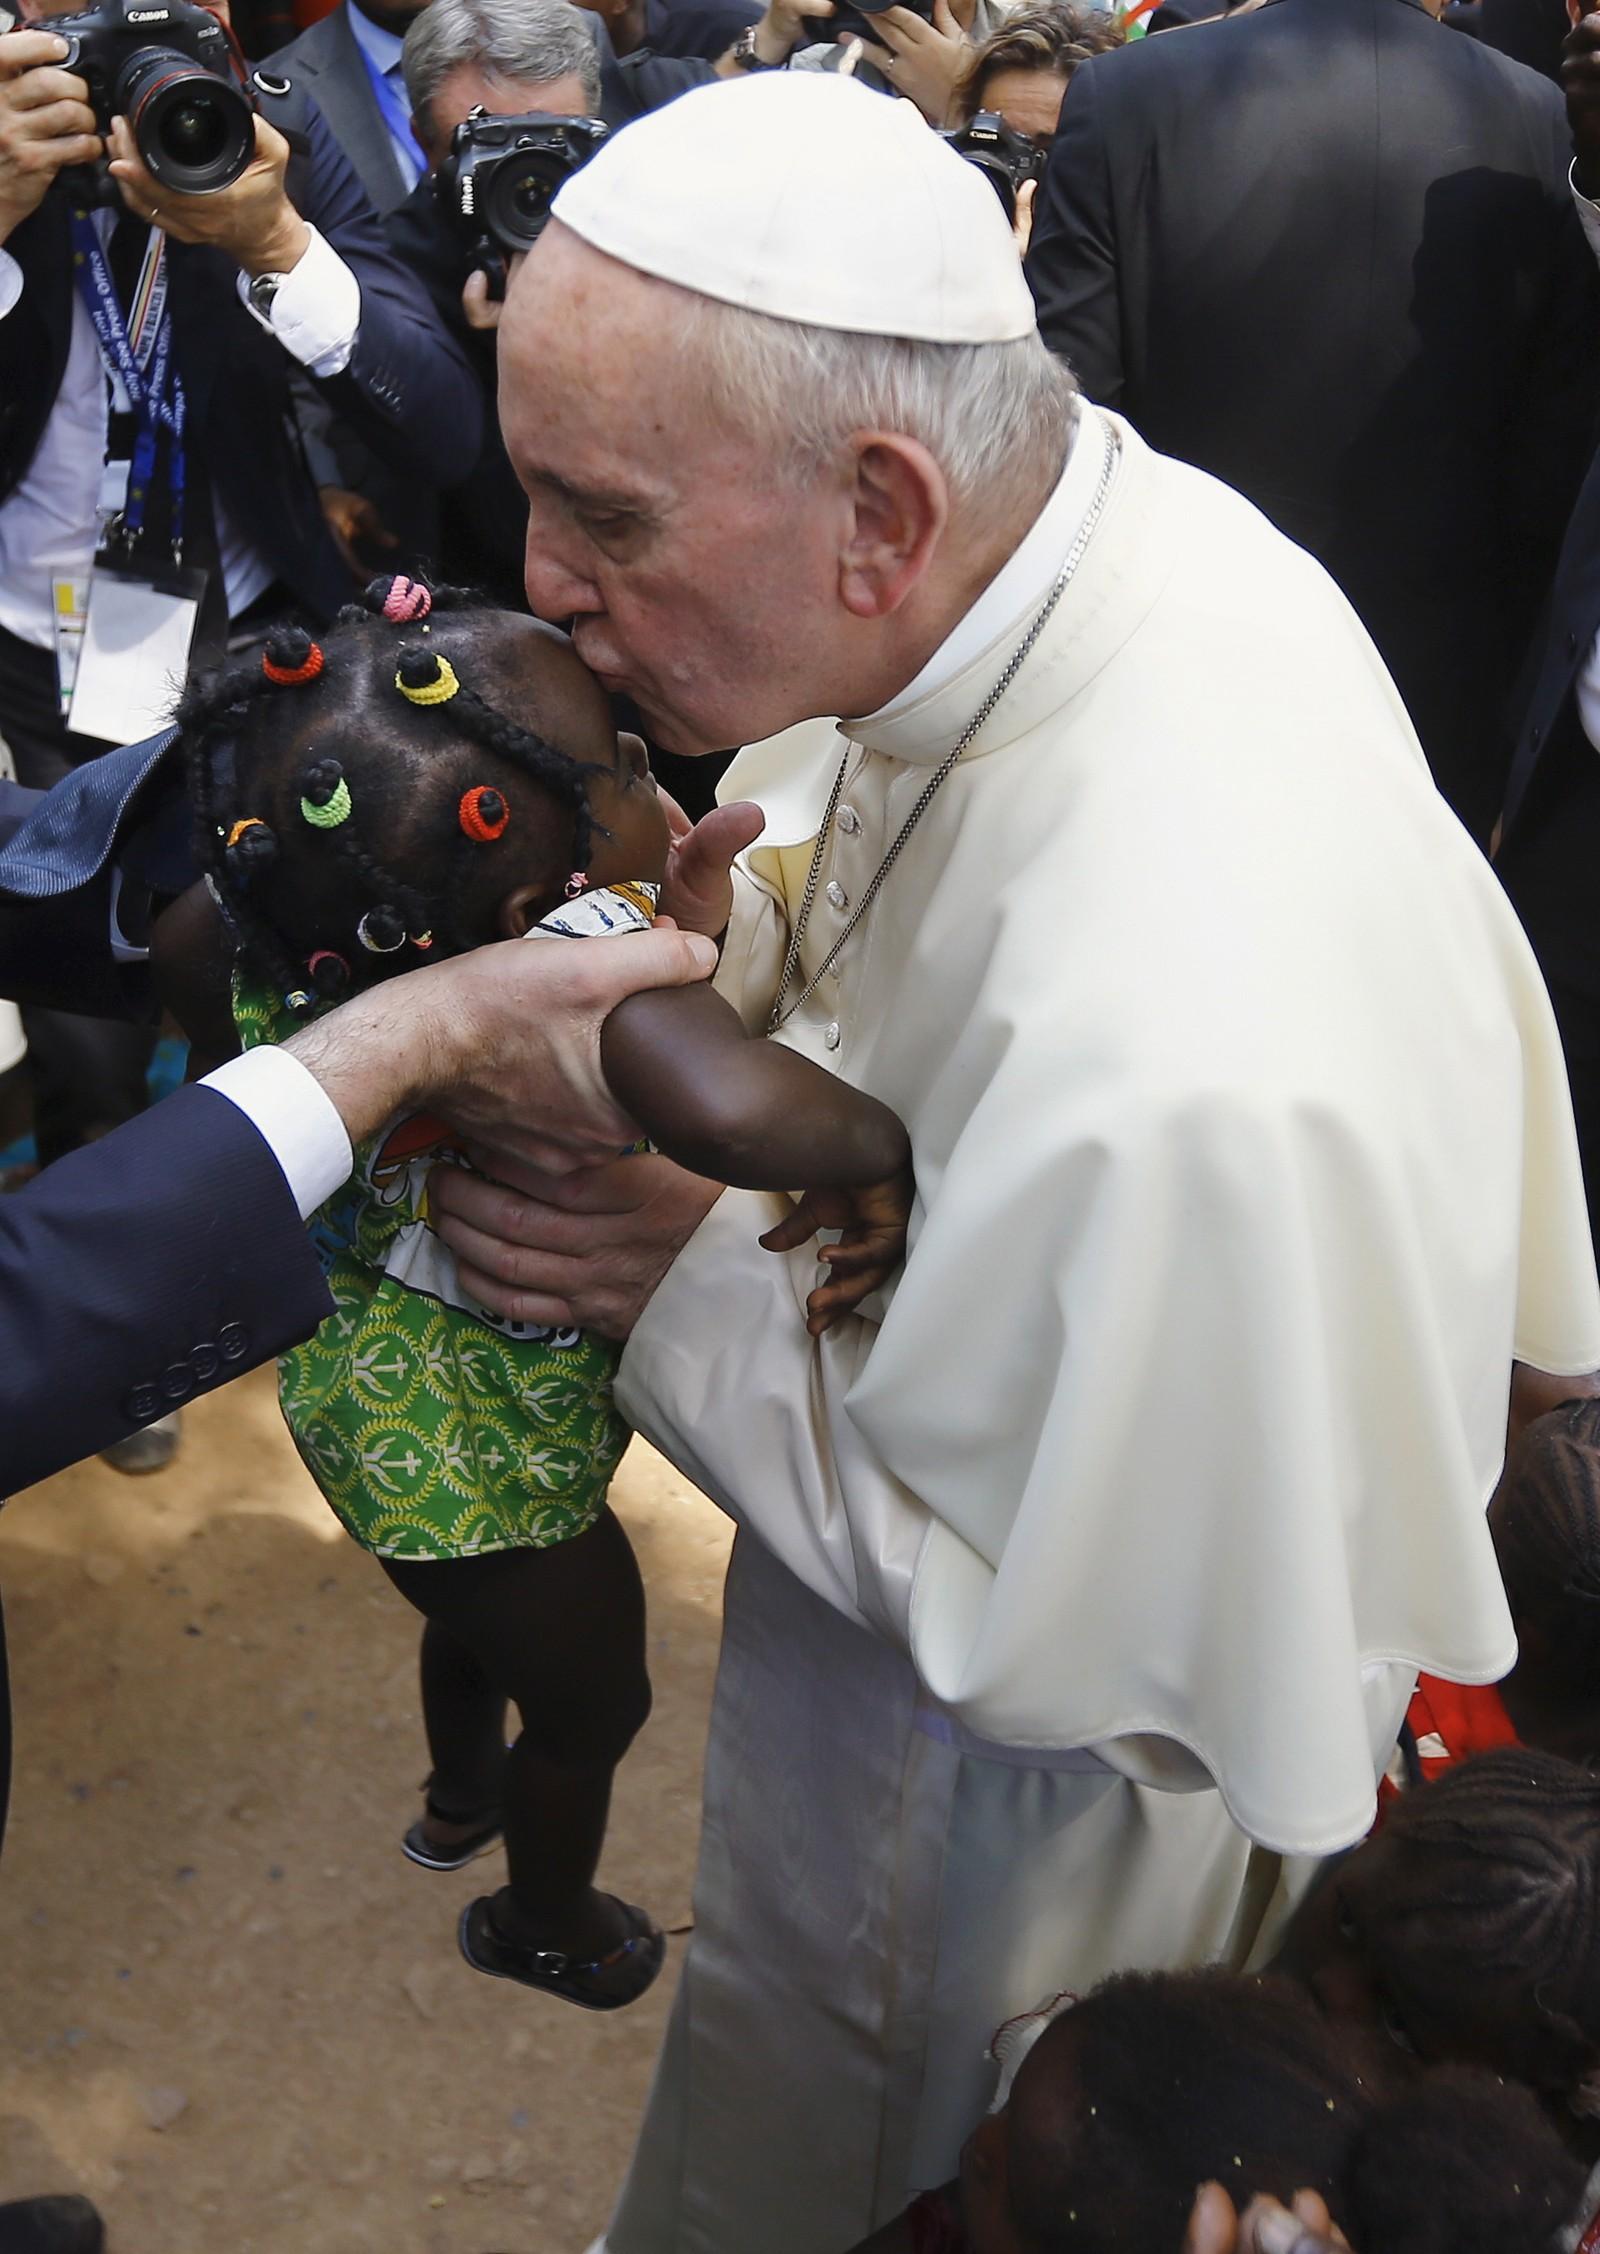 Enda et lite barn får et kyss av paven.